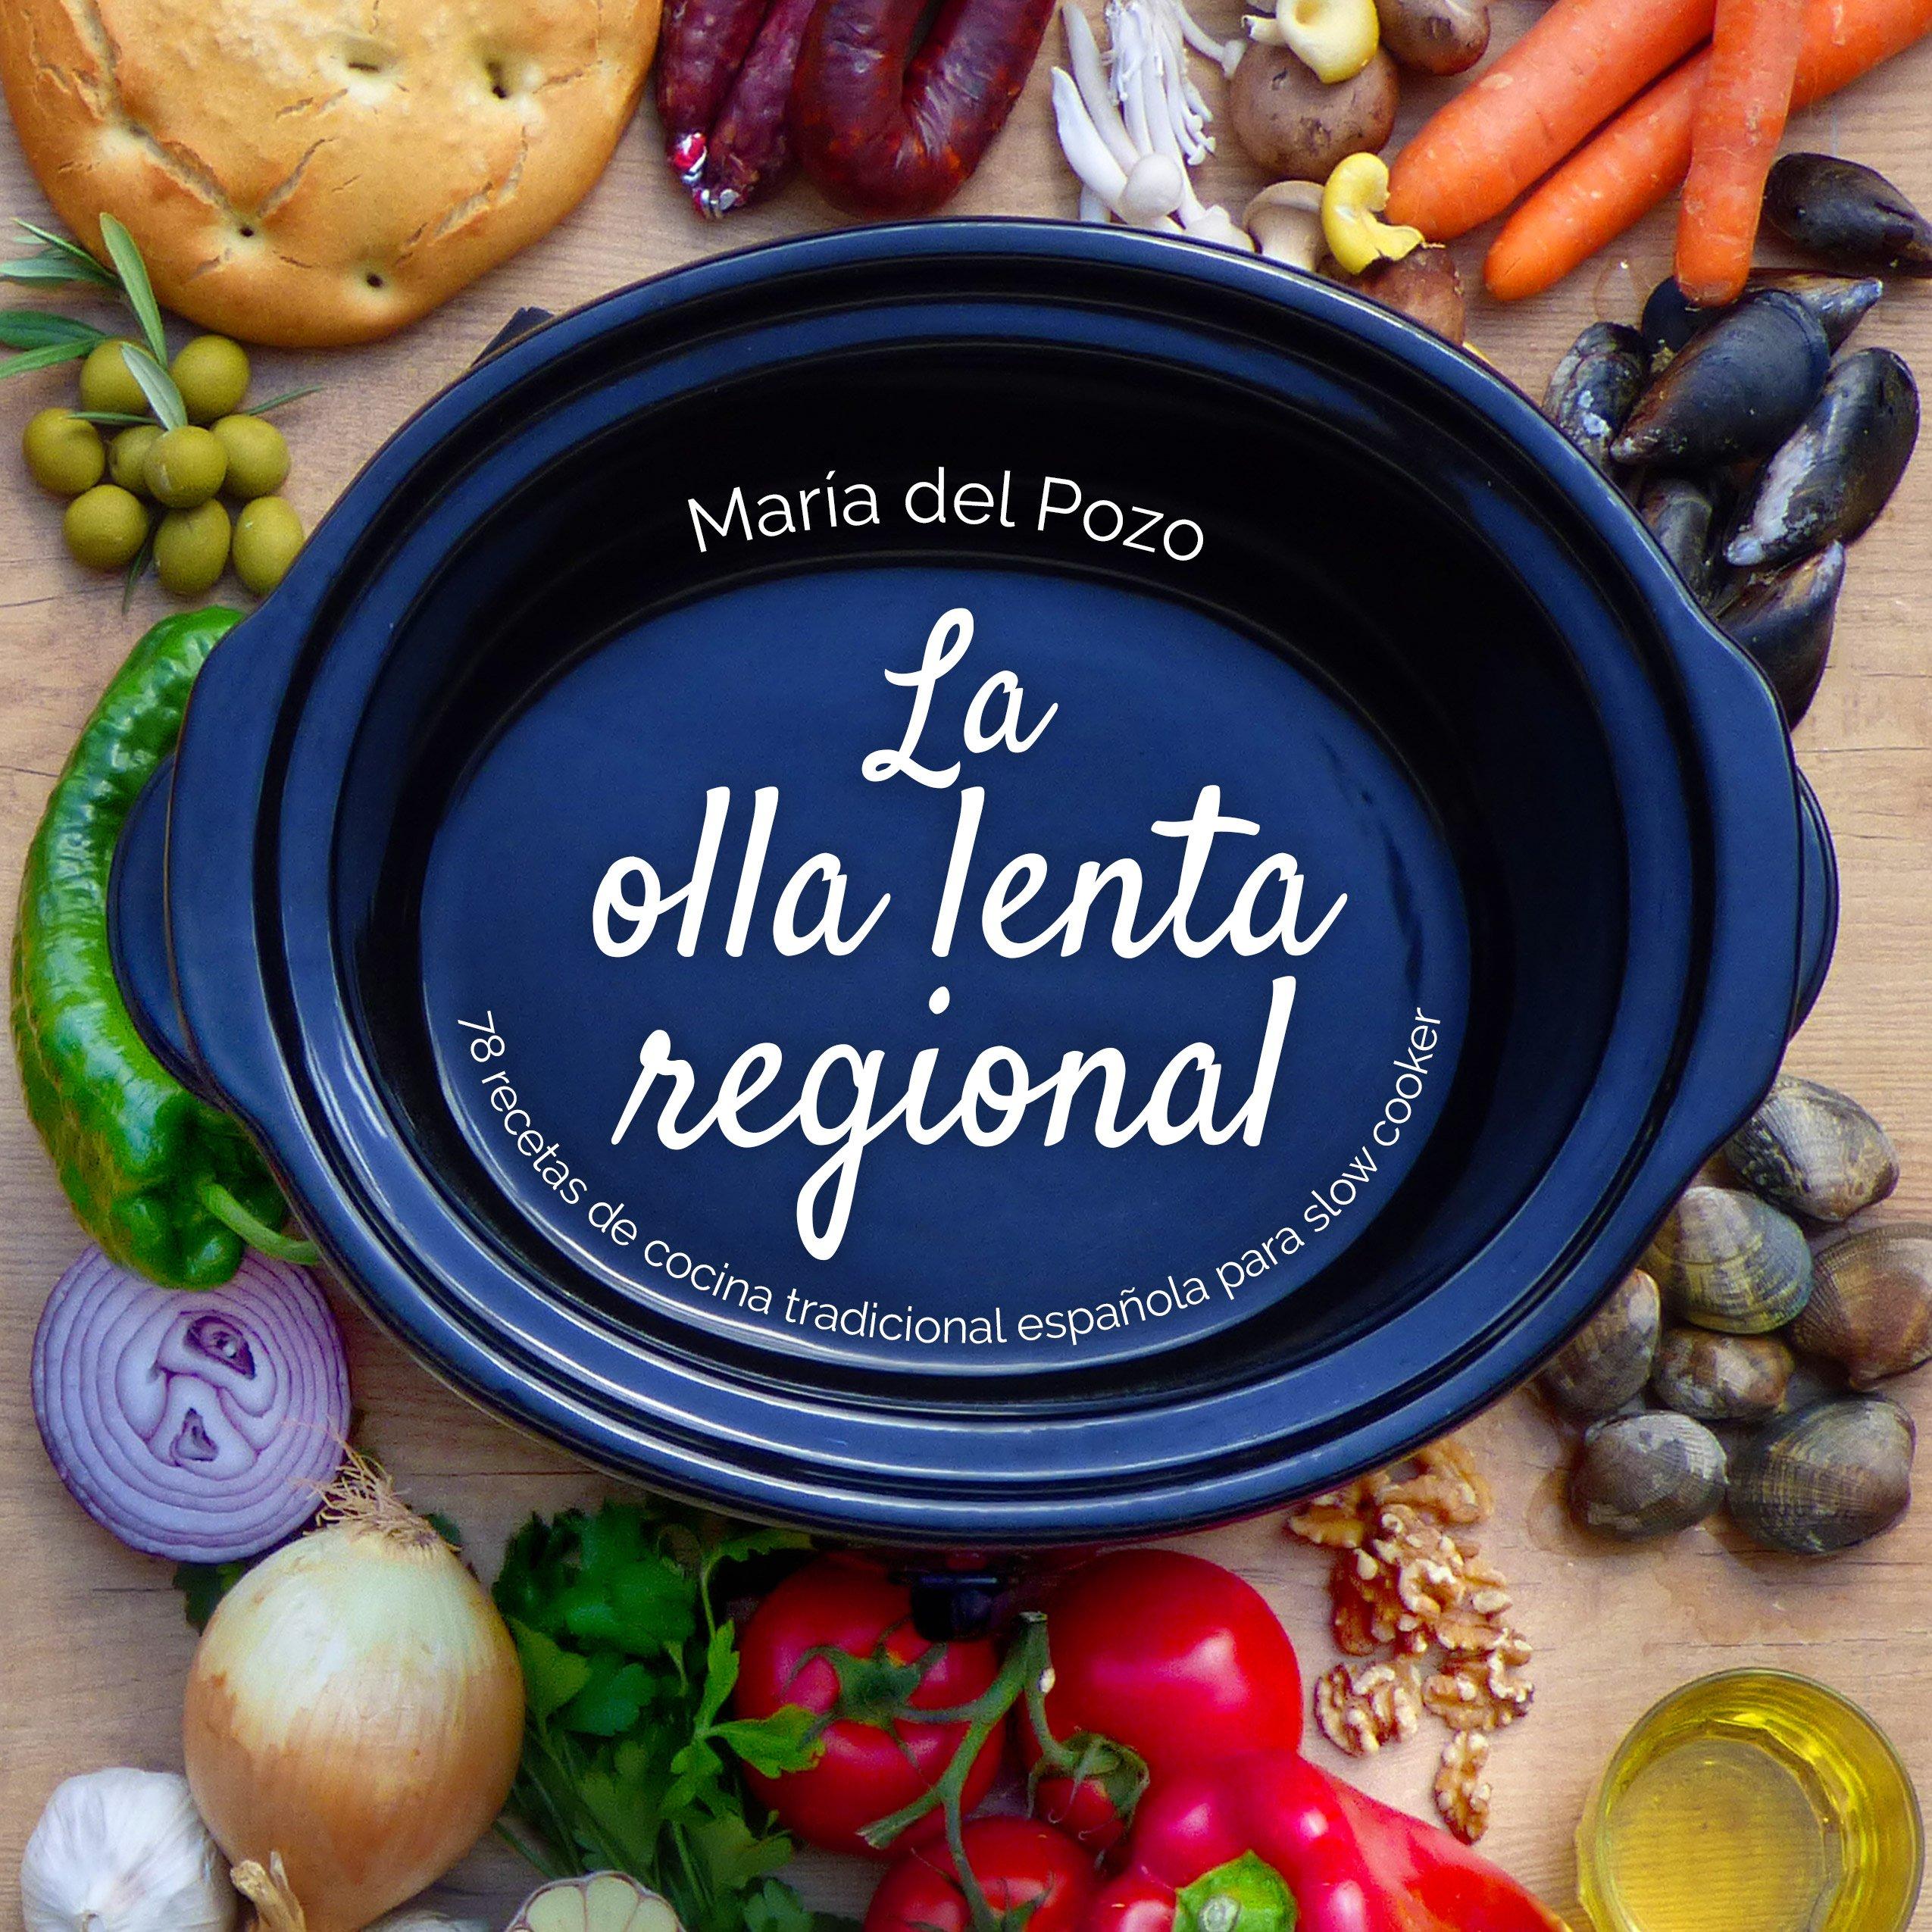 La olla lenta regional: 78 recetas de cocina tradicional española para slow cooker product image